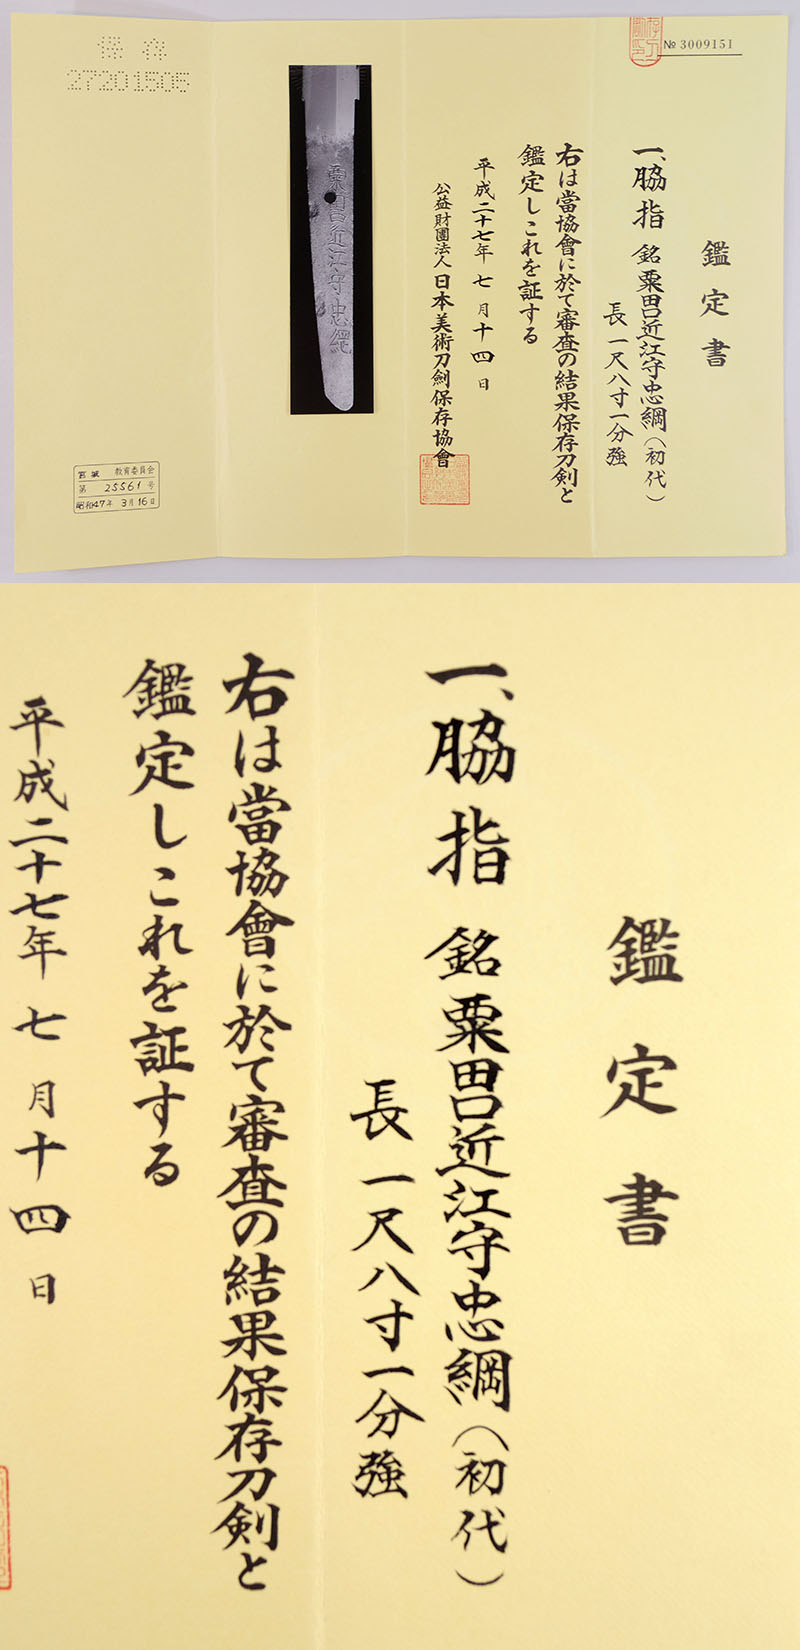 粟田口近江守忠綱(初代)鑑定書画像